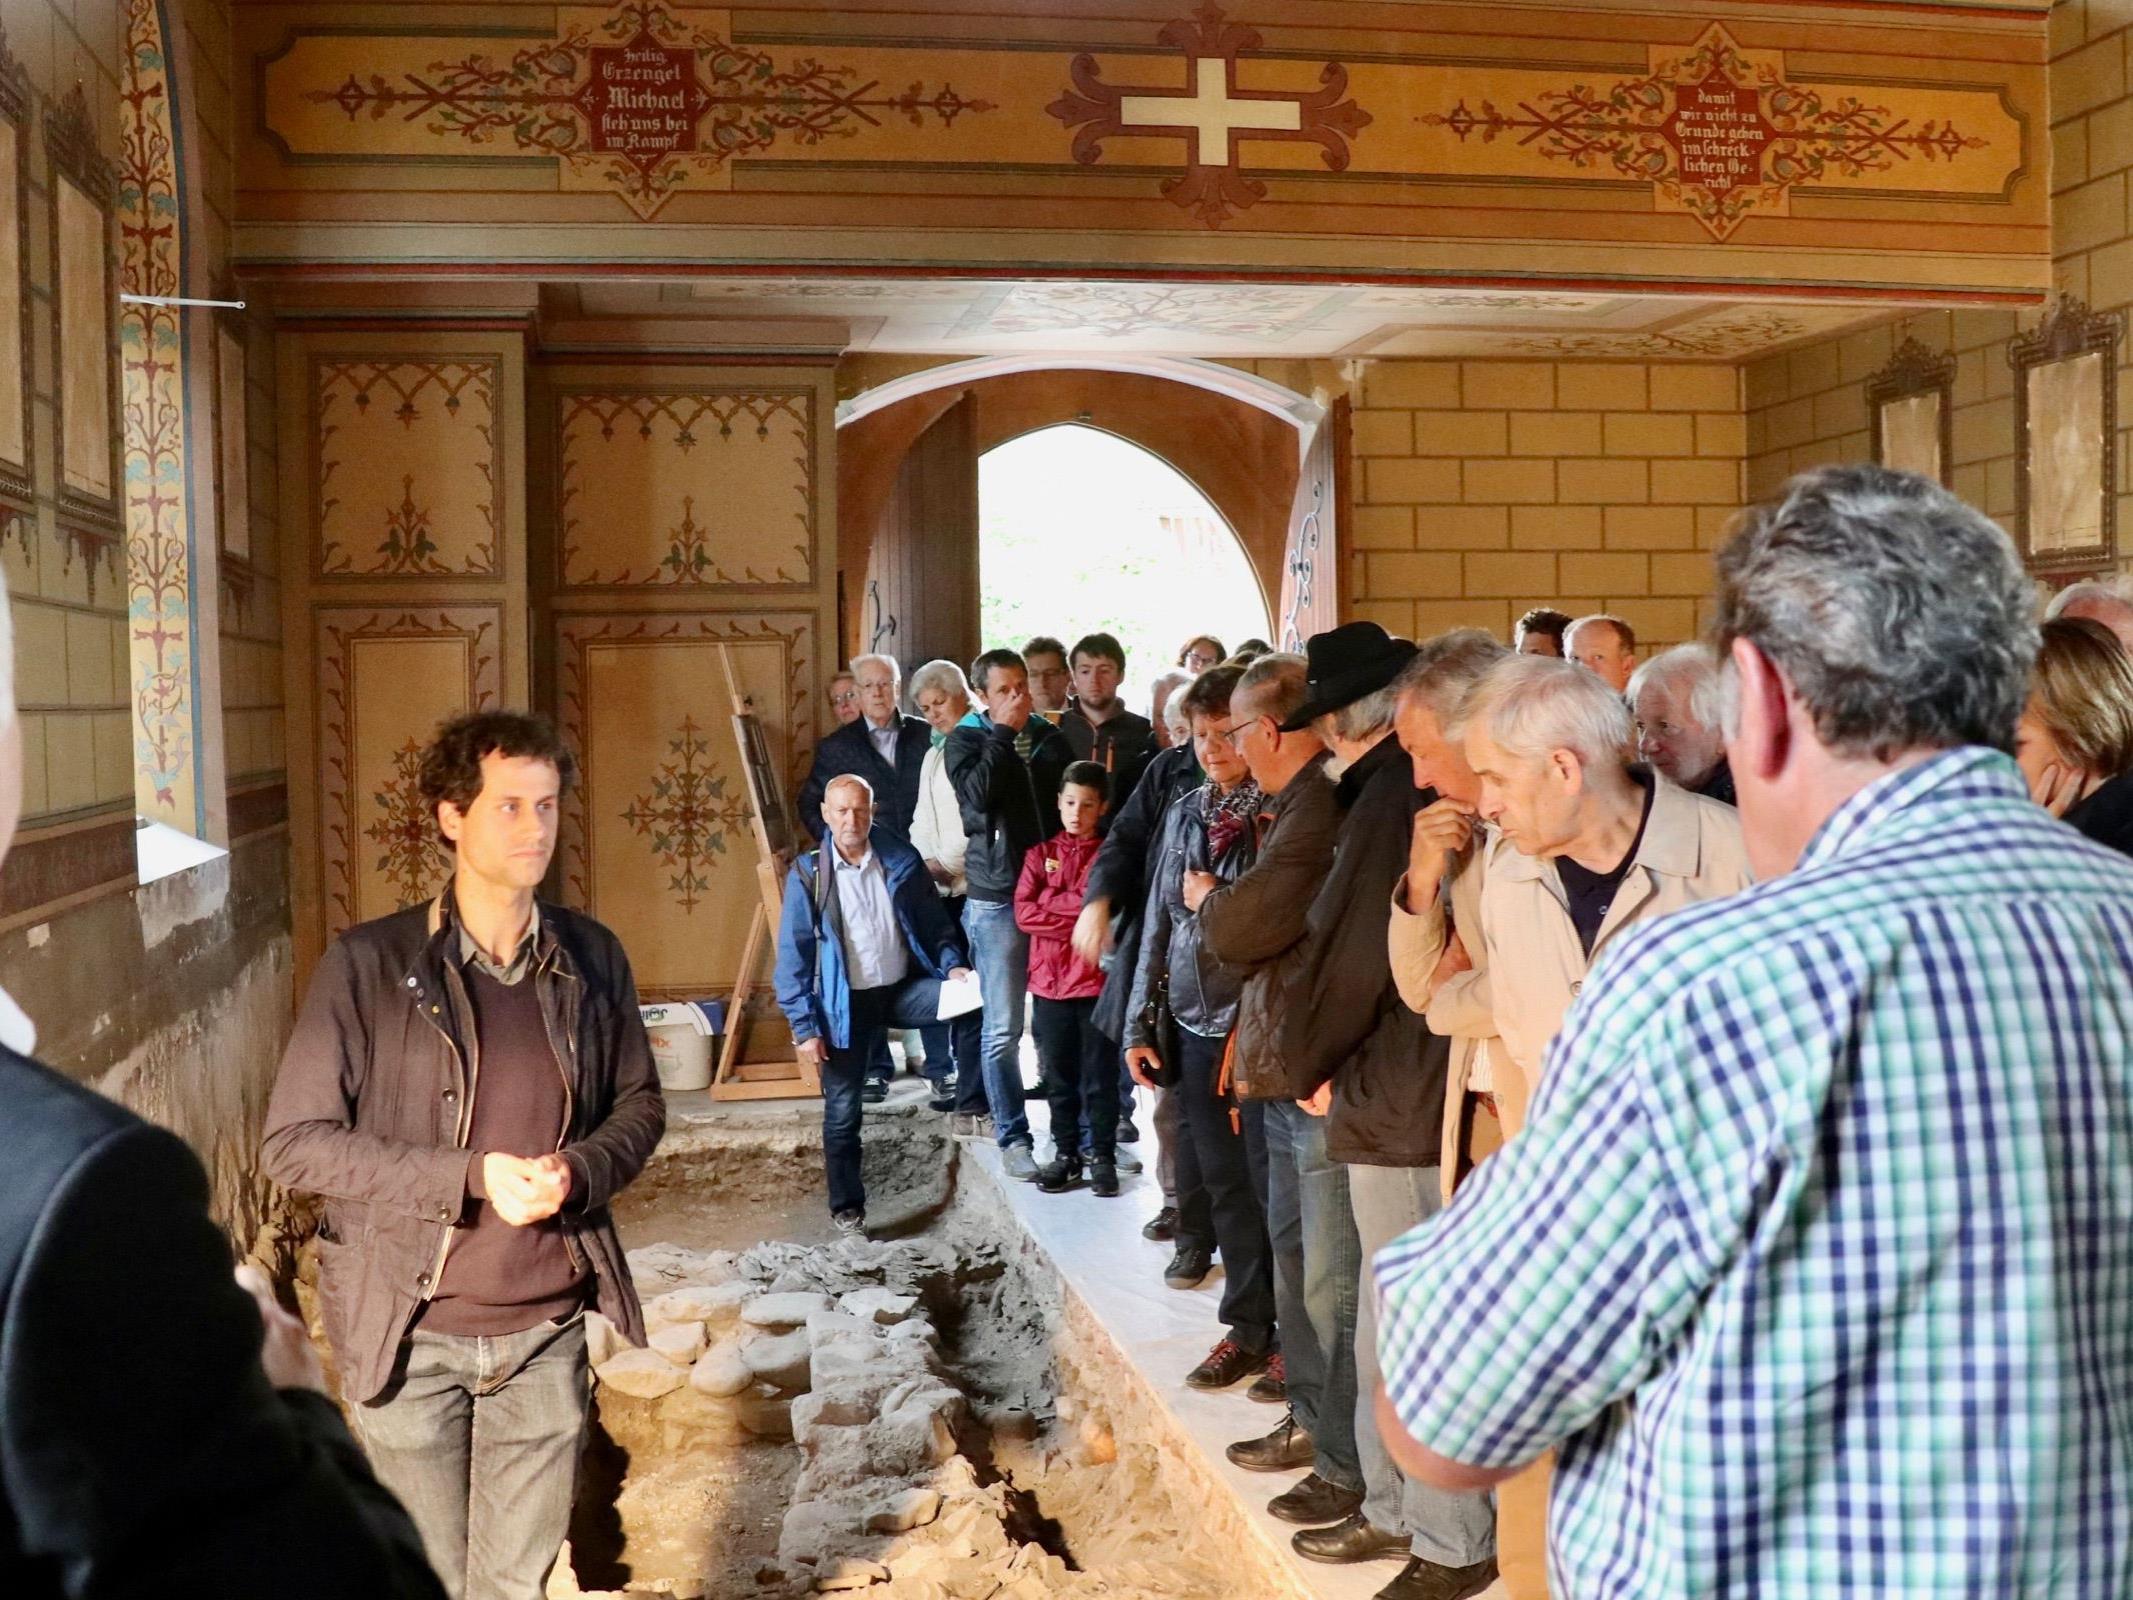 Groß war der Andrang bei der interessanten Besichtigung der Funde und archäologischen Grabungen in der St. Michale-Kirche.